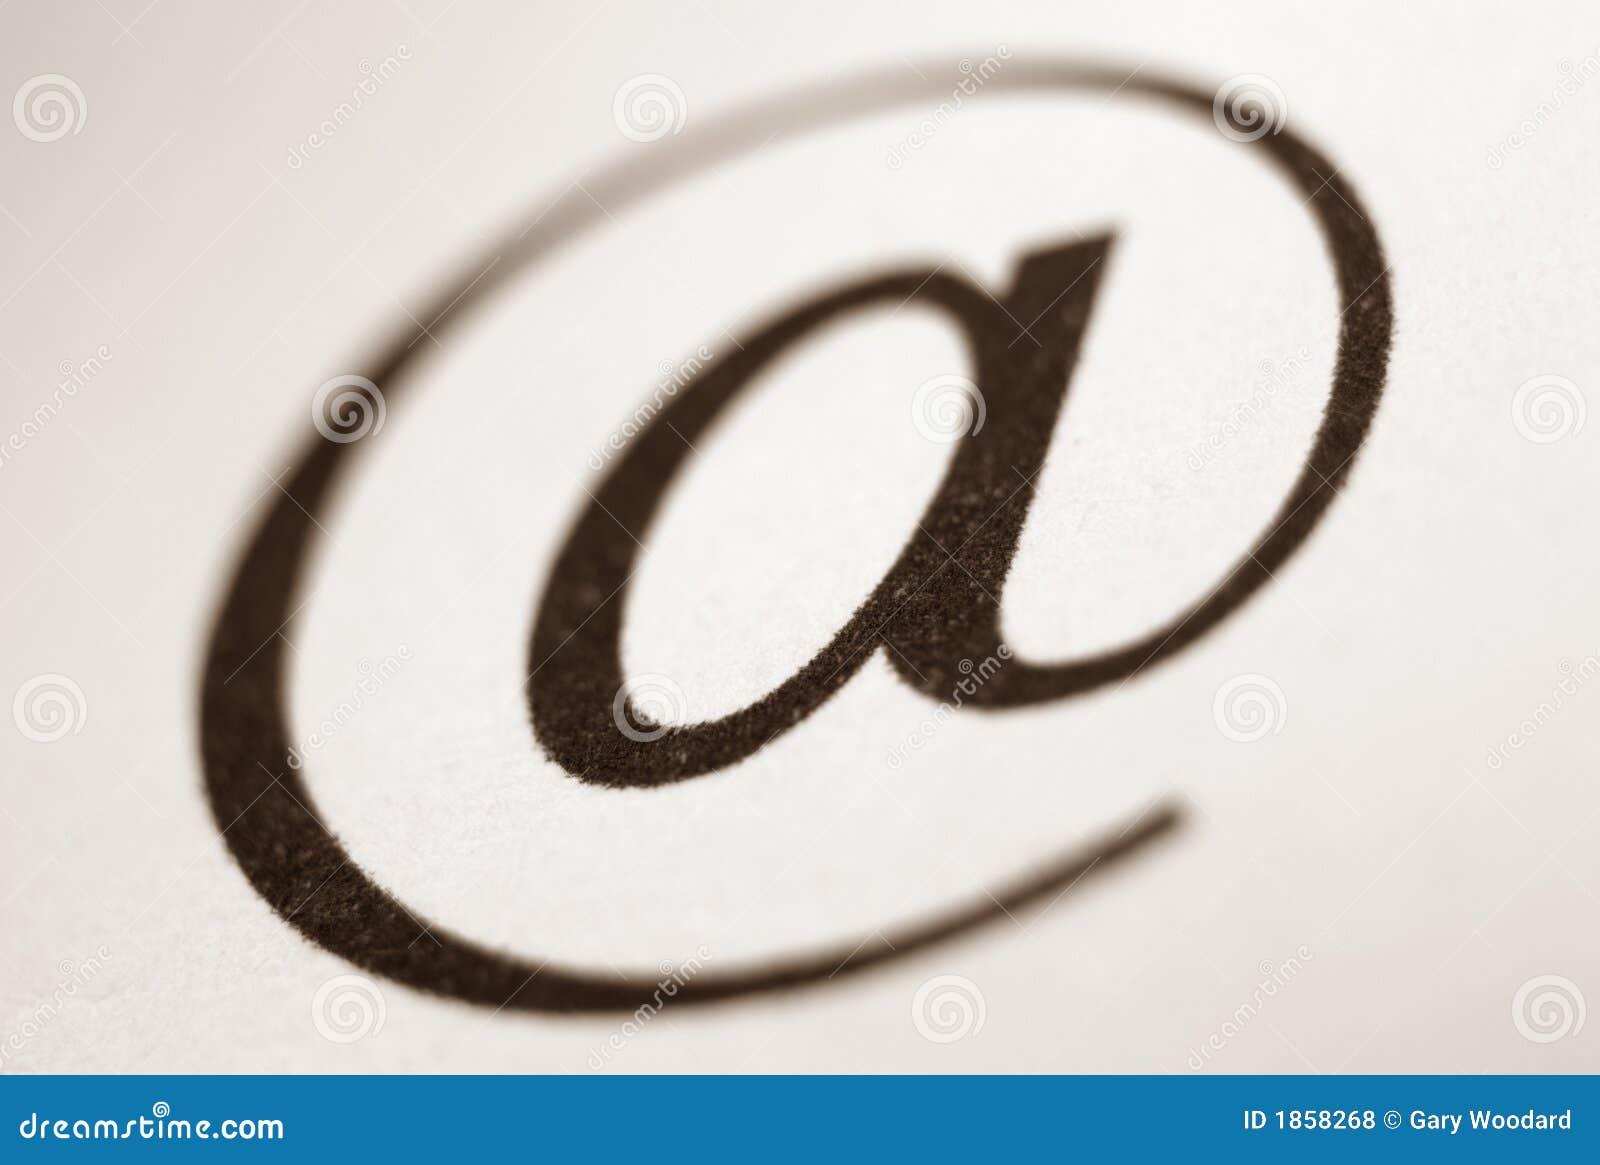 E邮件符号